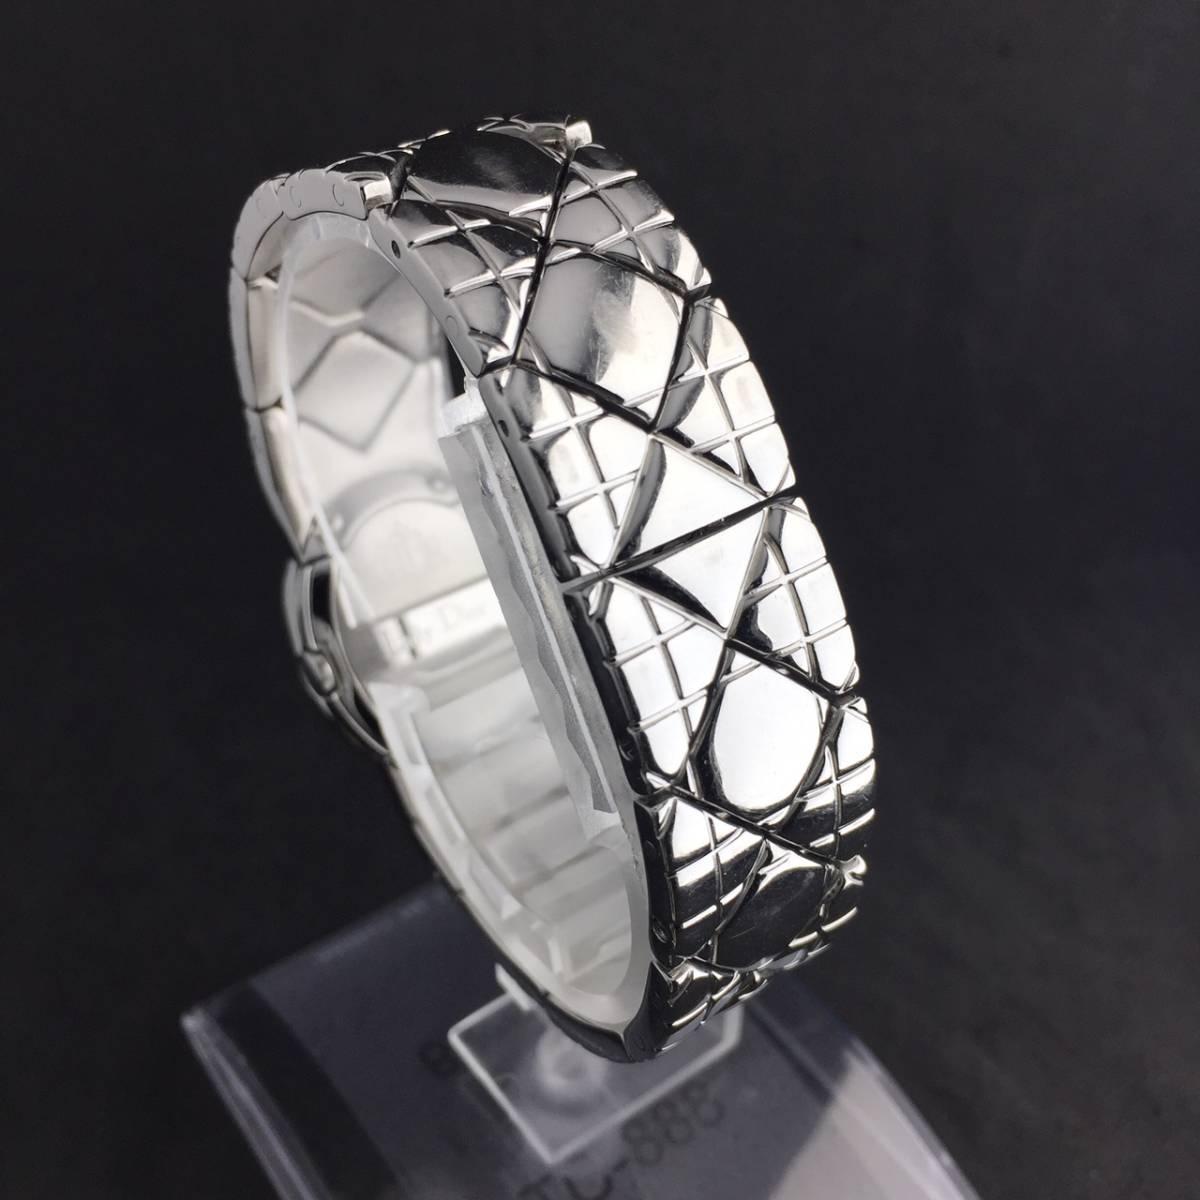 【1円良品】Christian Dior クリスチャン ディオール 腕時計 レディース D90-100 1P ダイヤ シェル文字盤 稼動品_画像7